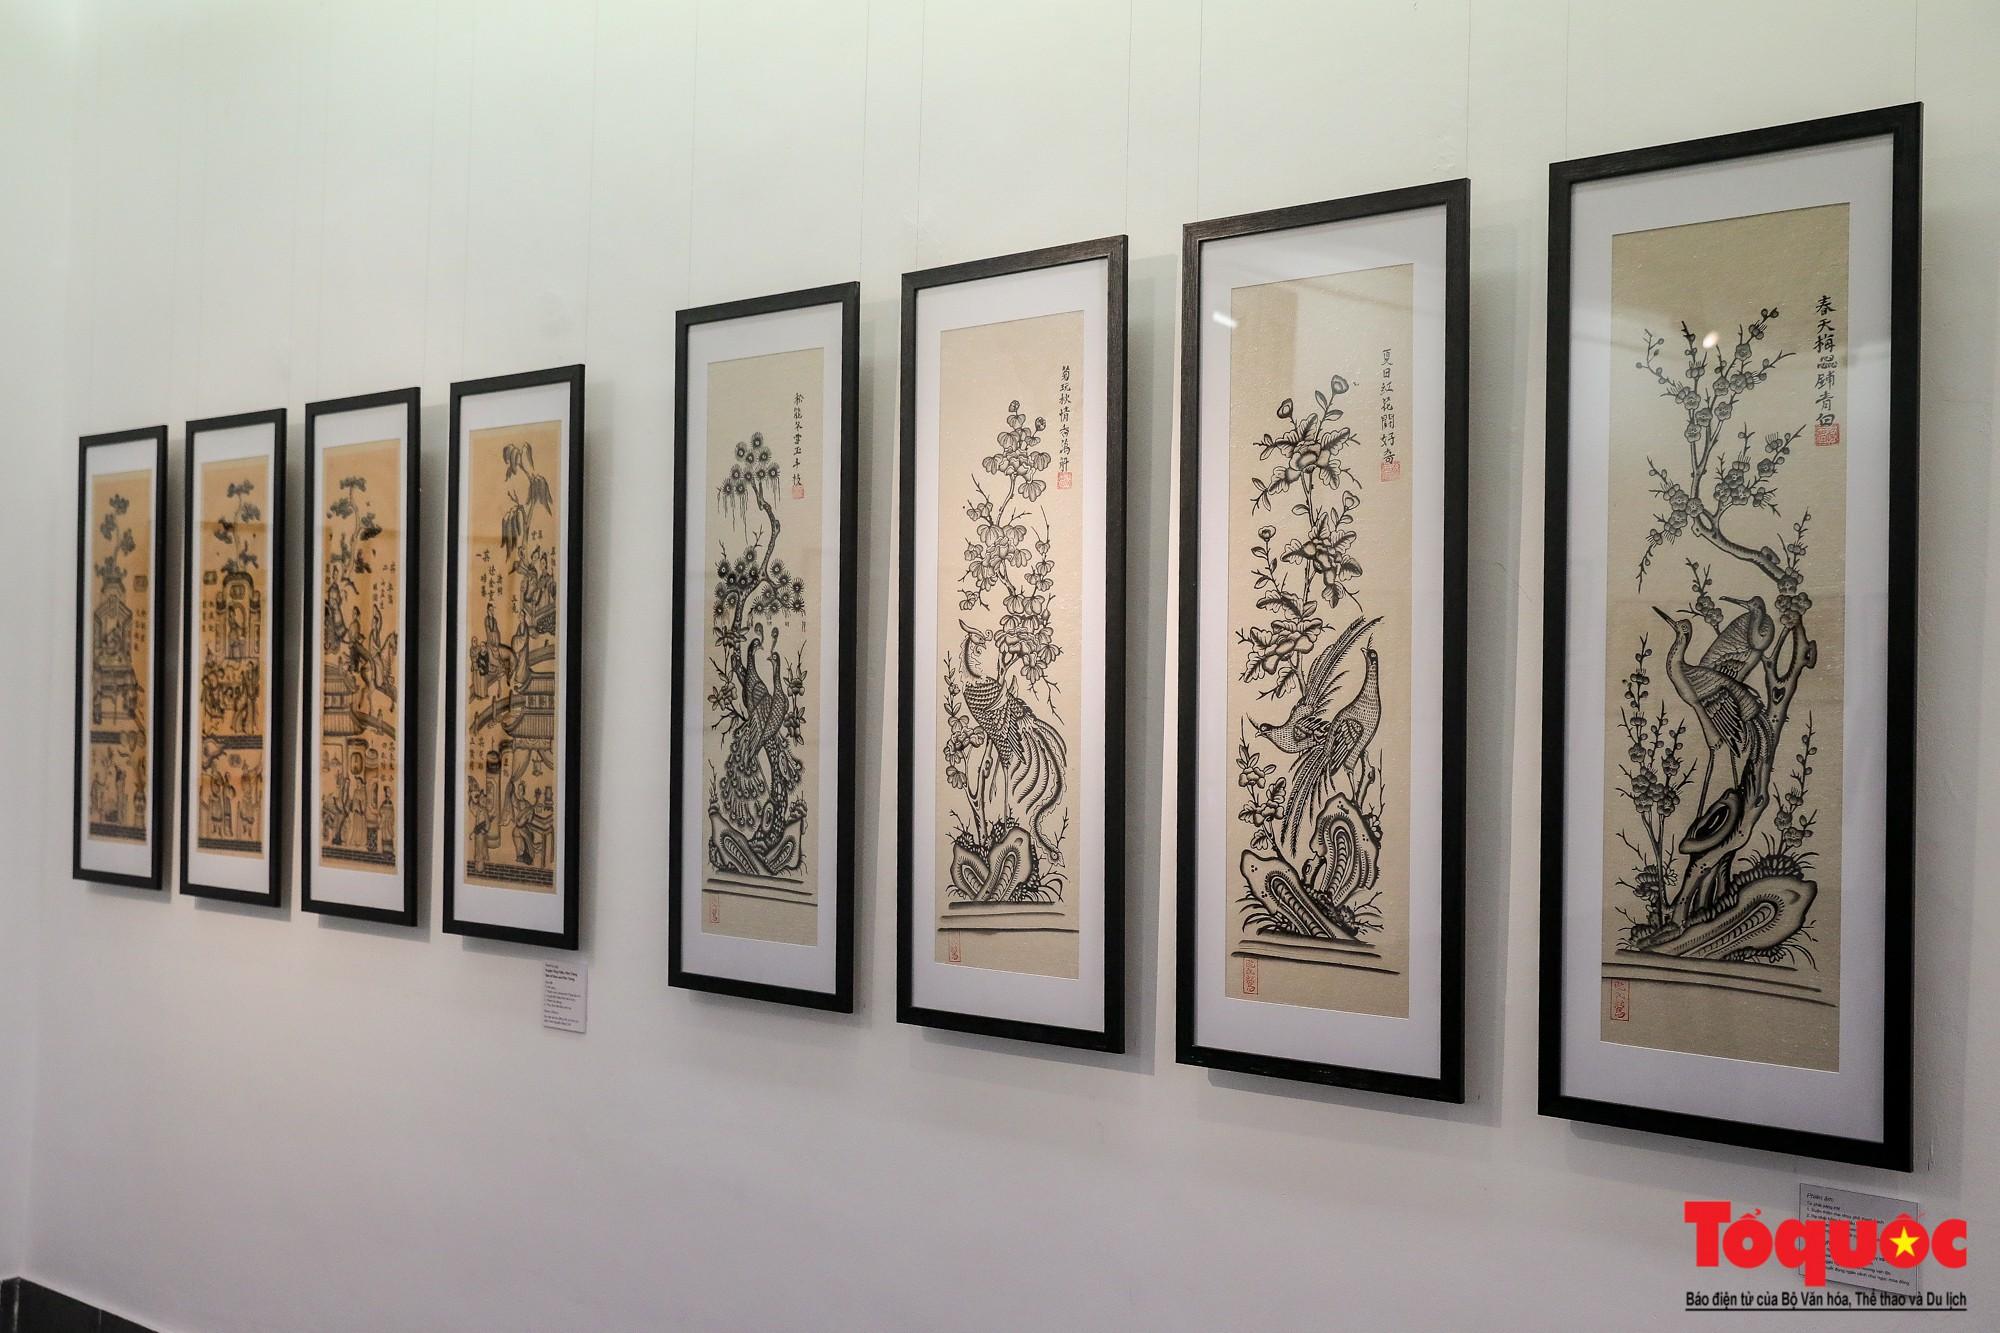 """Khai mạc triển lãm """"Tranh dân gian Đông hồ xưa và nay"""": Trưng bày hơn 100 hiện vật của tranh dân gian Đông Hồ - Ảnh 6."""